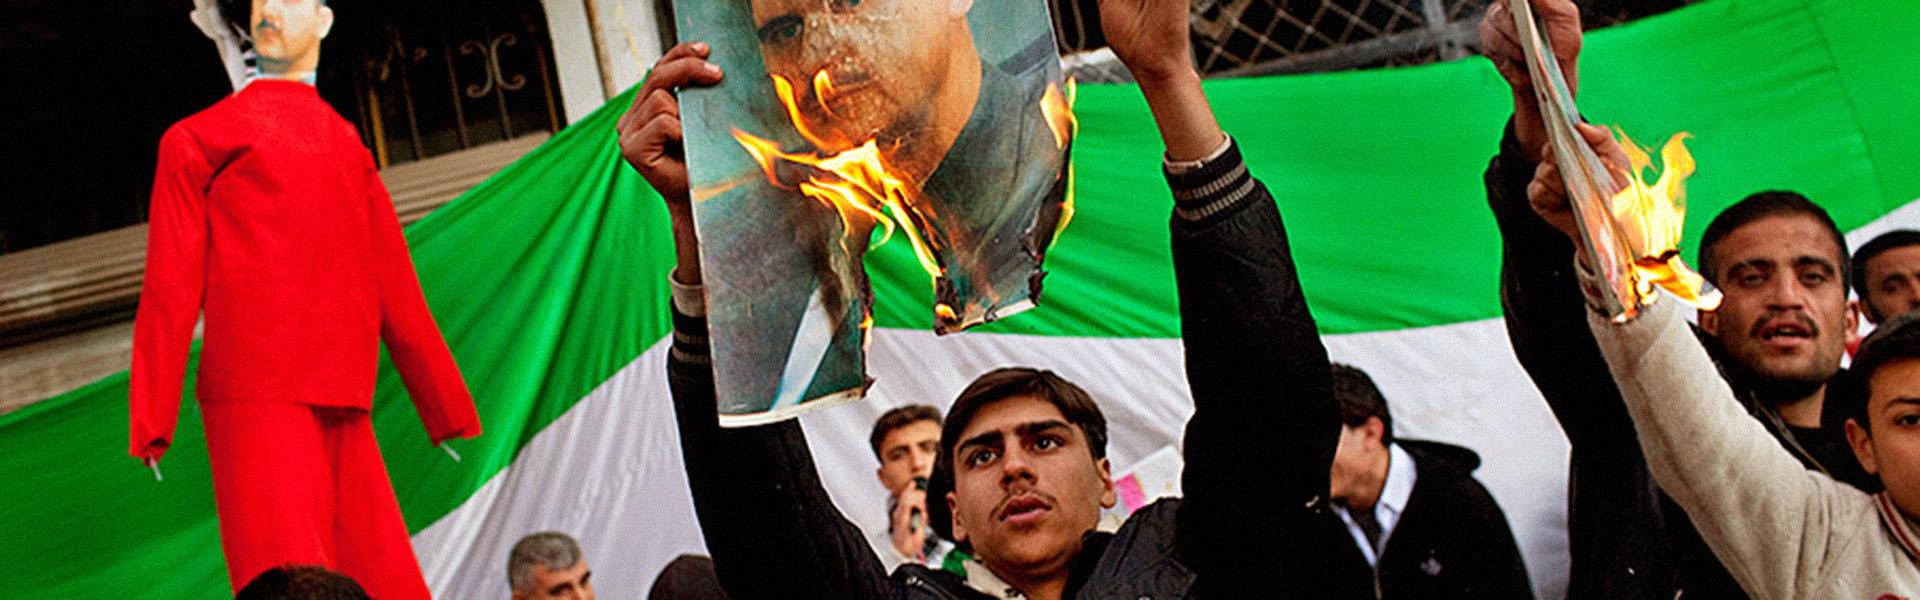 Сирия: что это было? Часть первая — Асад